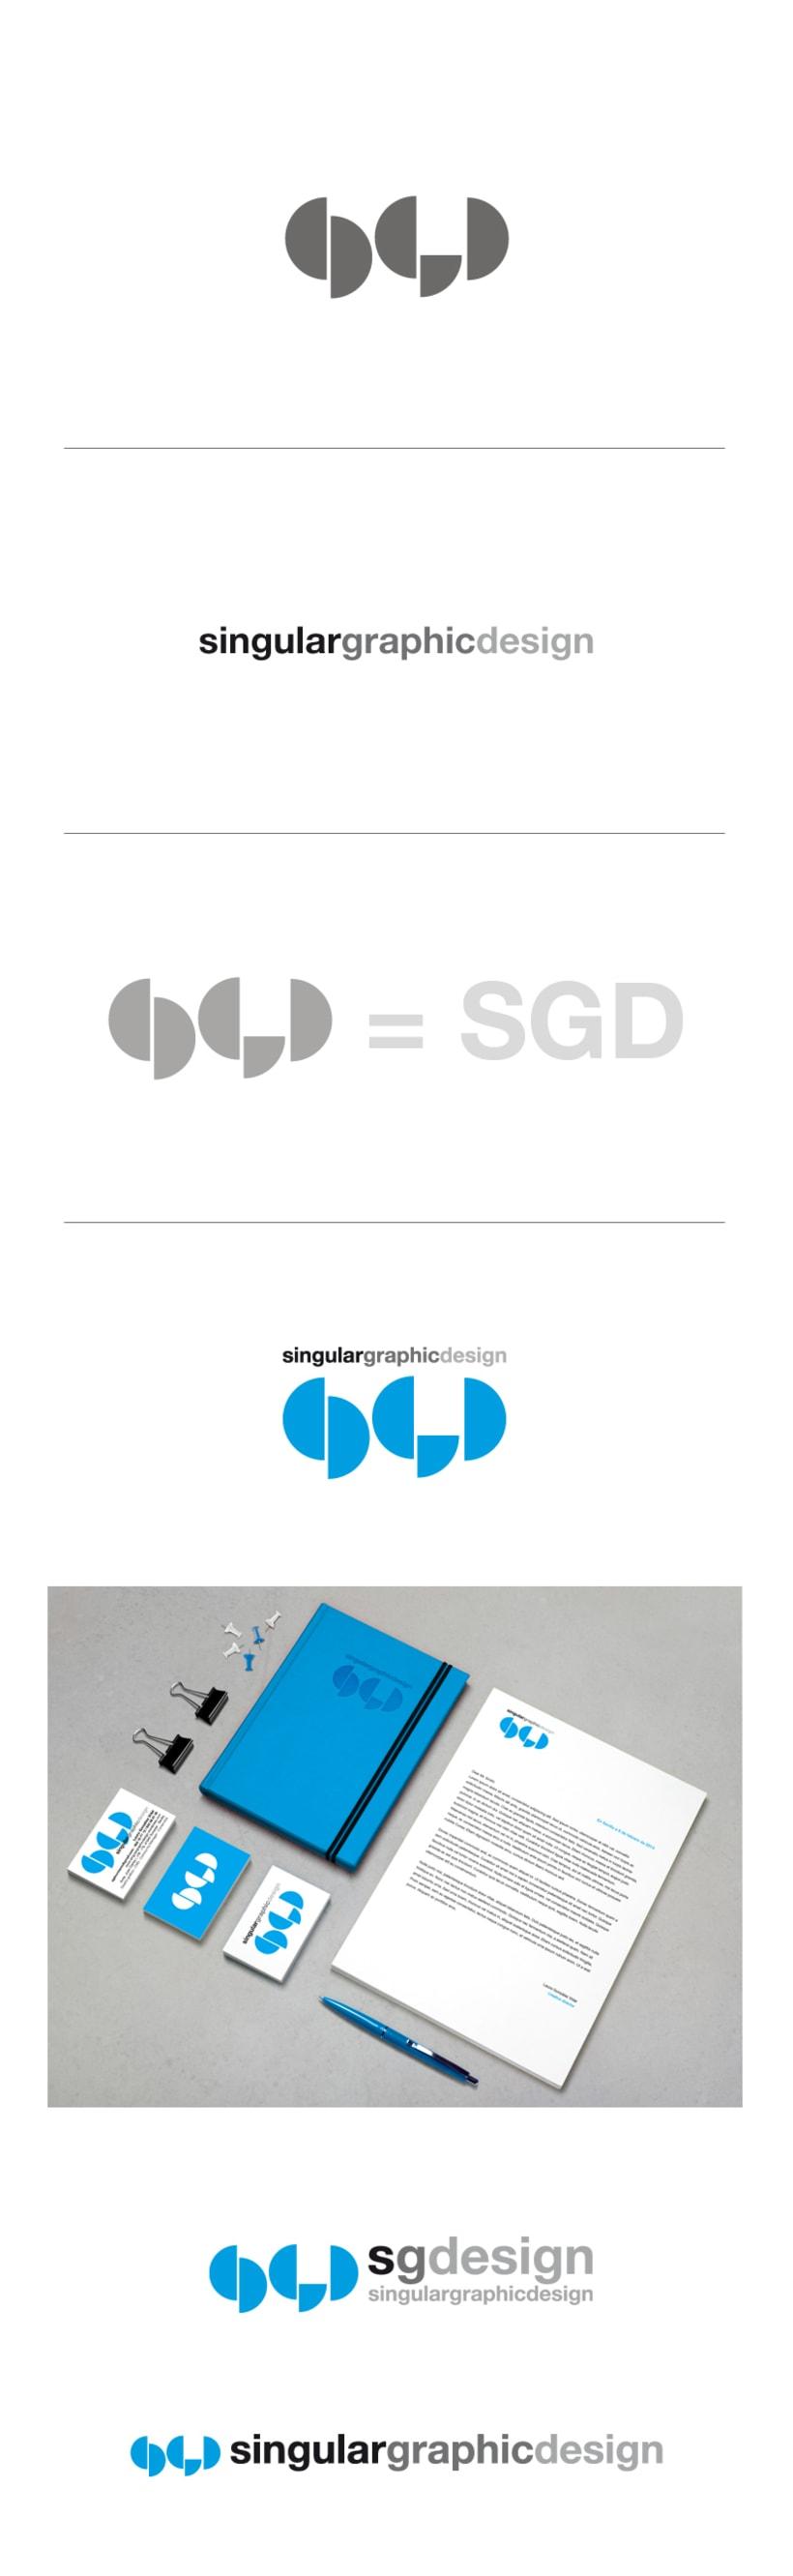 Singular graphic design 0